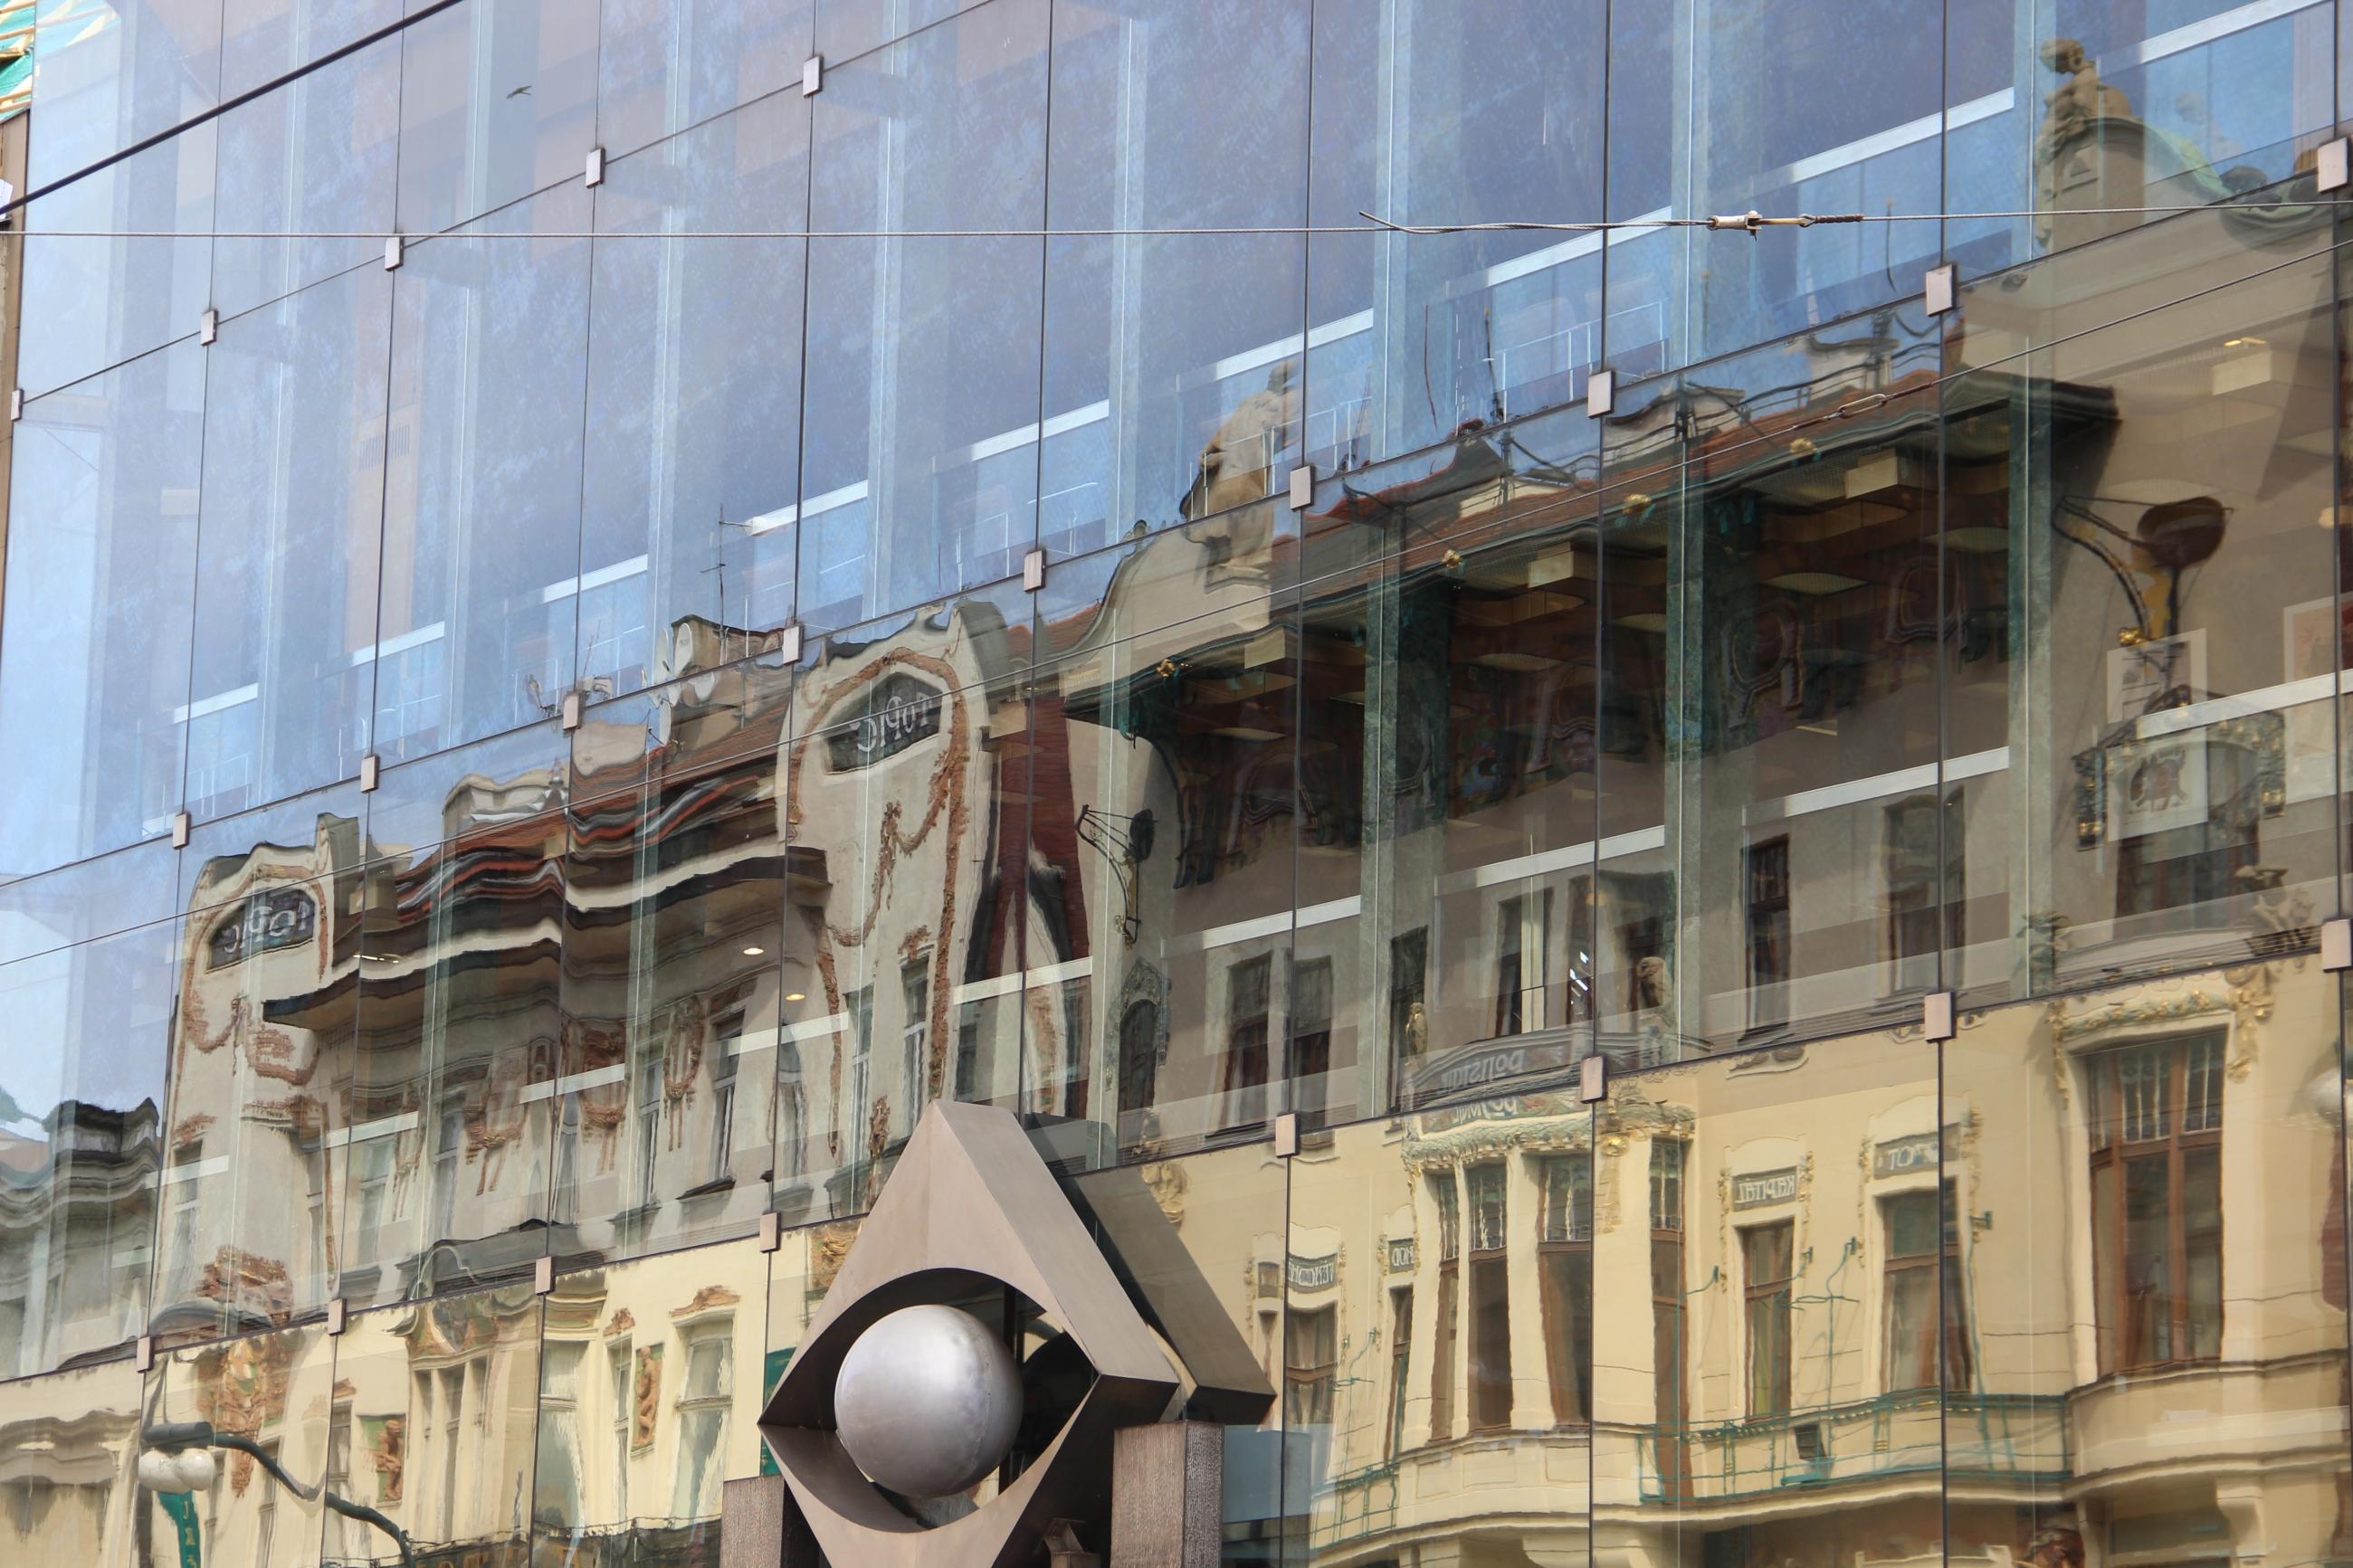 Foto: Die Laterna Magika in Prag, an deren Fassade sich das gegenüberliegende Haus spiegelt.